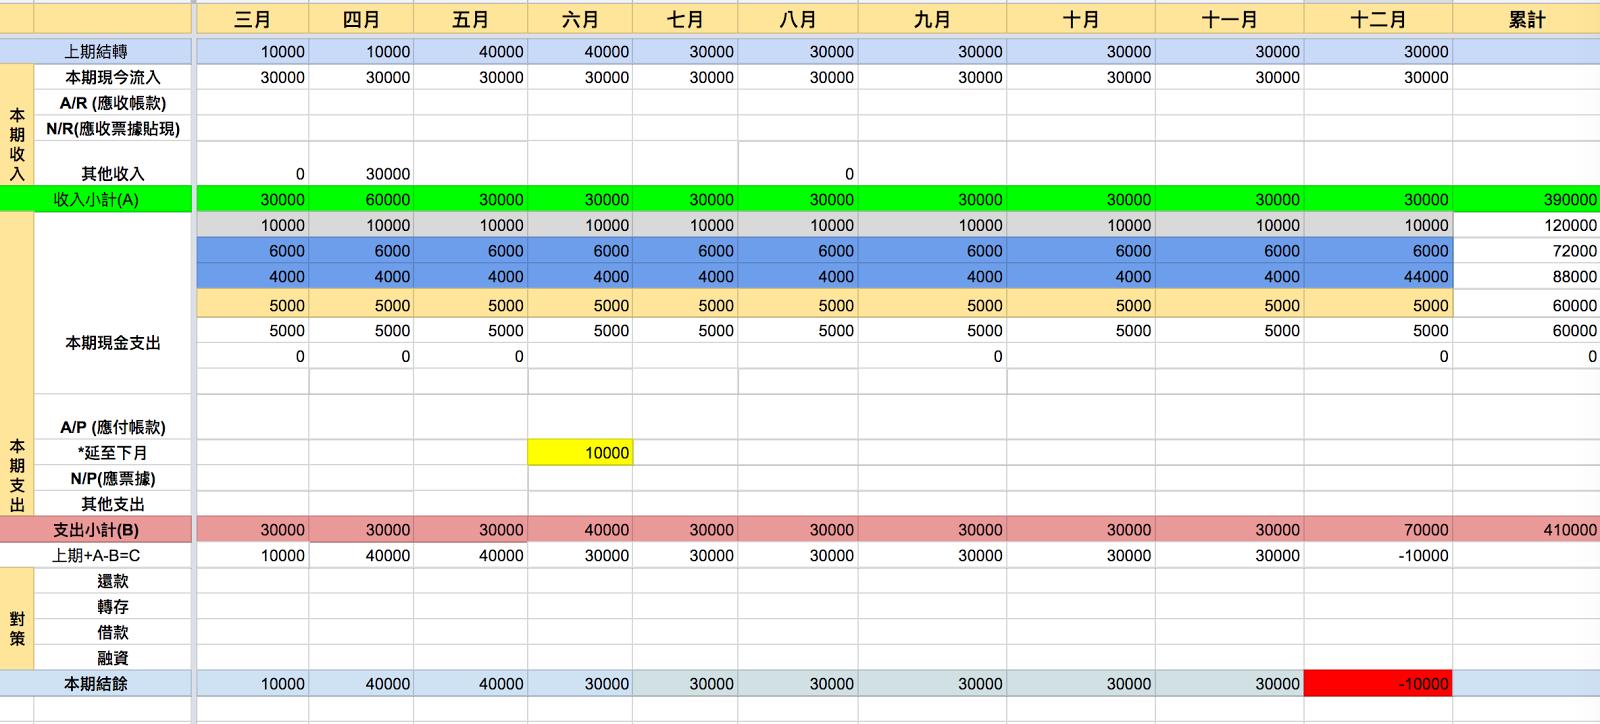 個人財務規劃 - 年度資金運用表 - 阿貝好威的實驗室